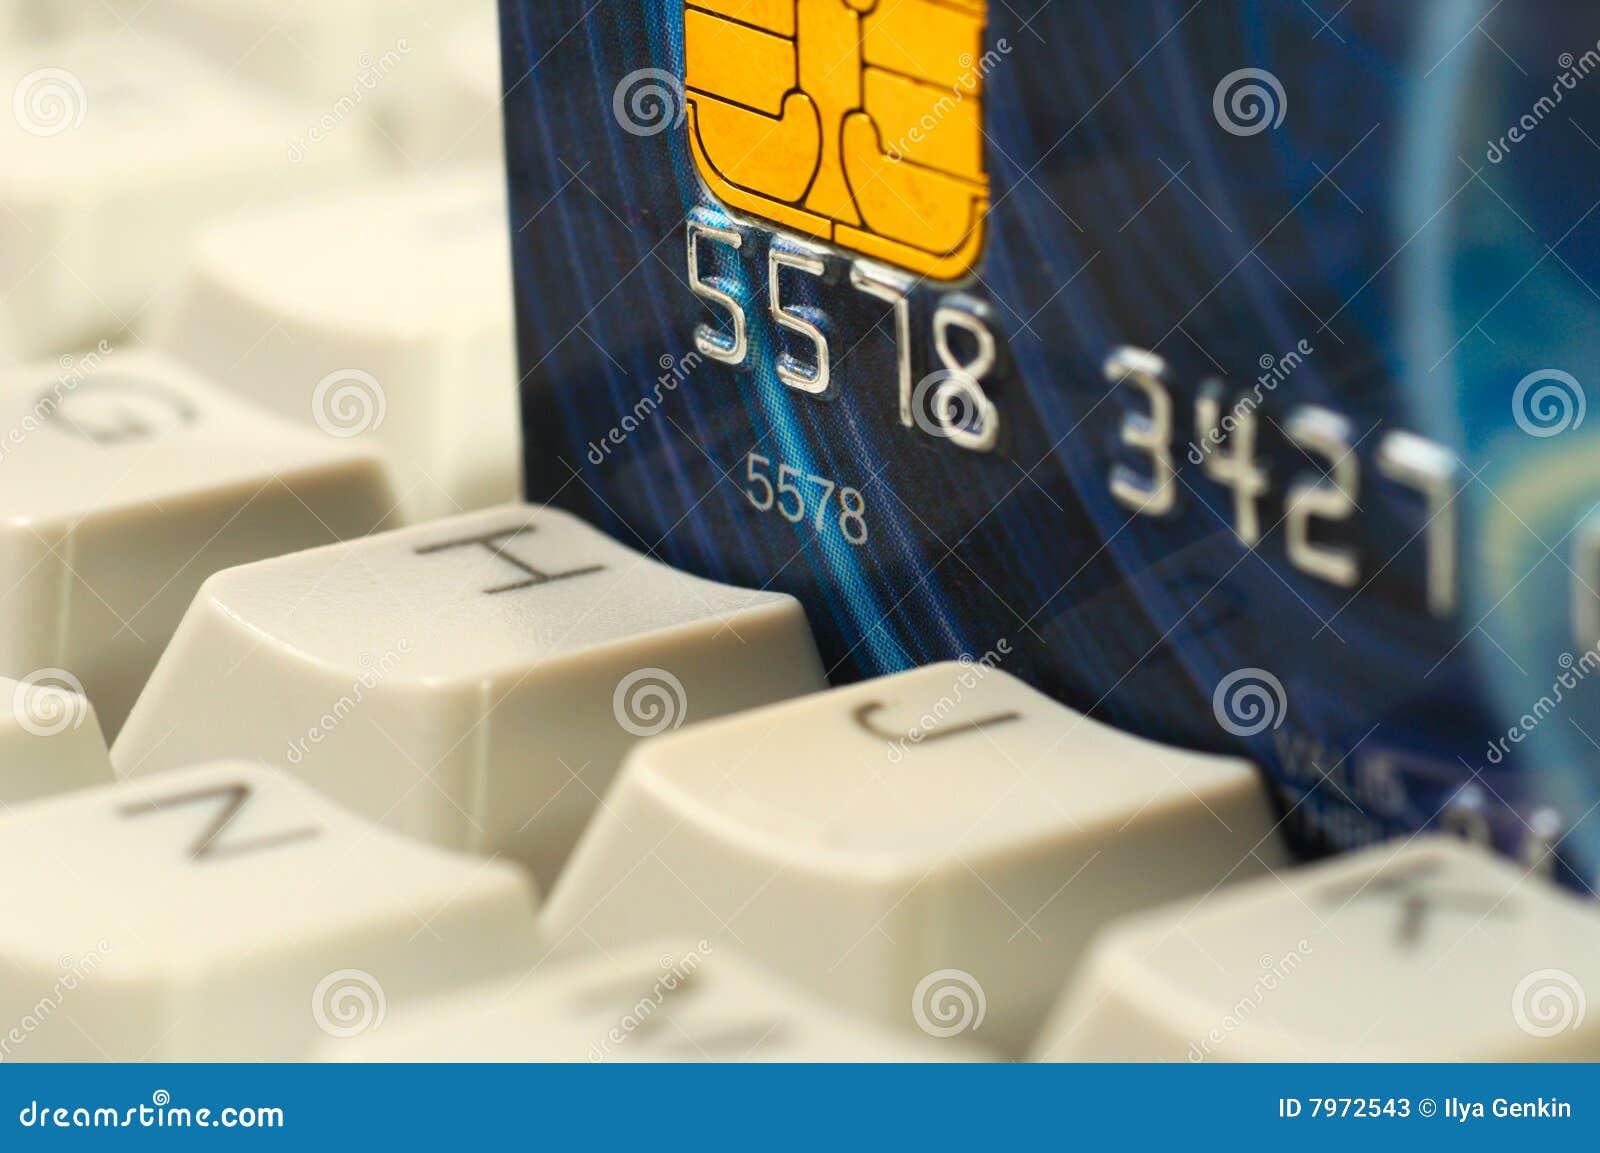 Teclado de la tarjeta de crédito y de ordenador. Compras en línea